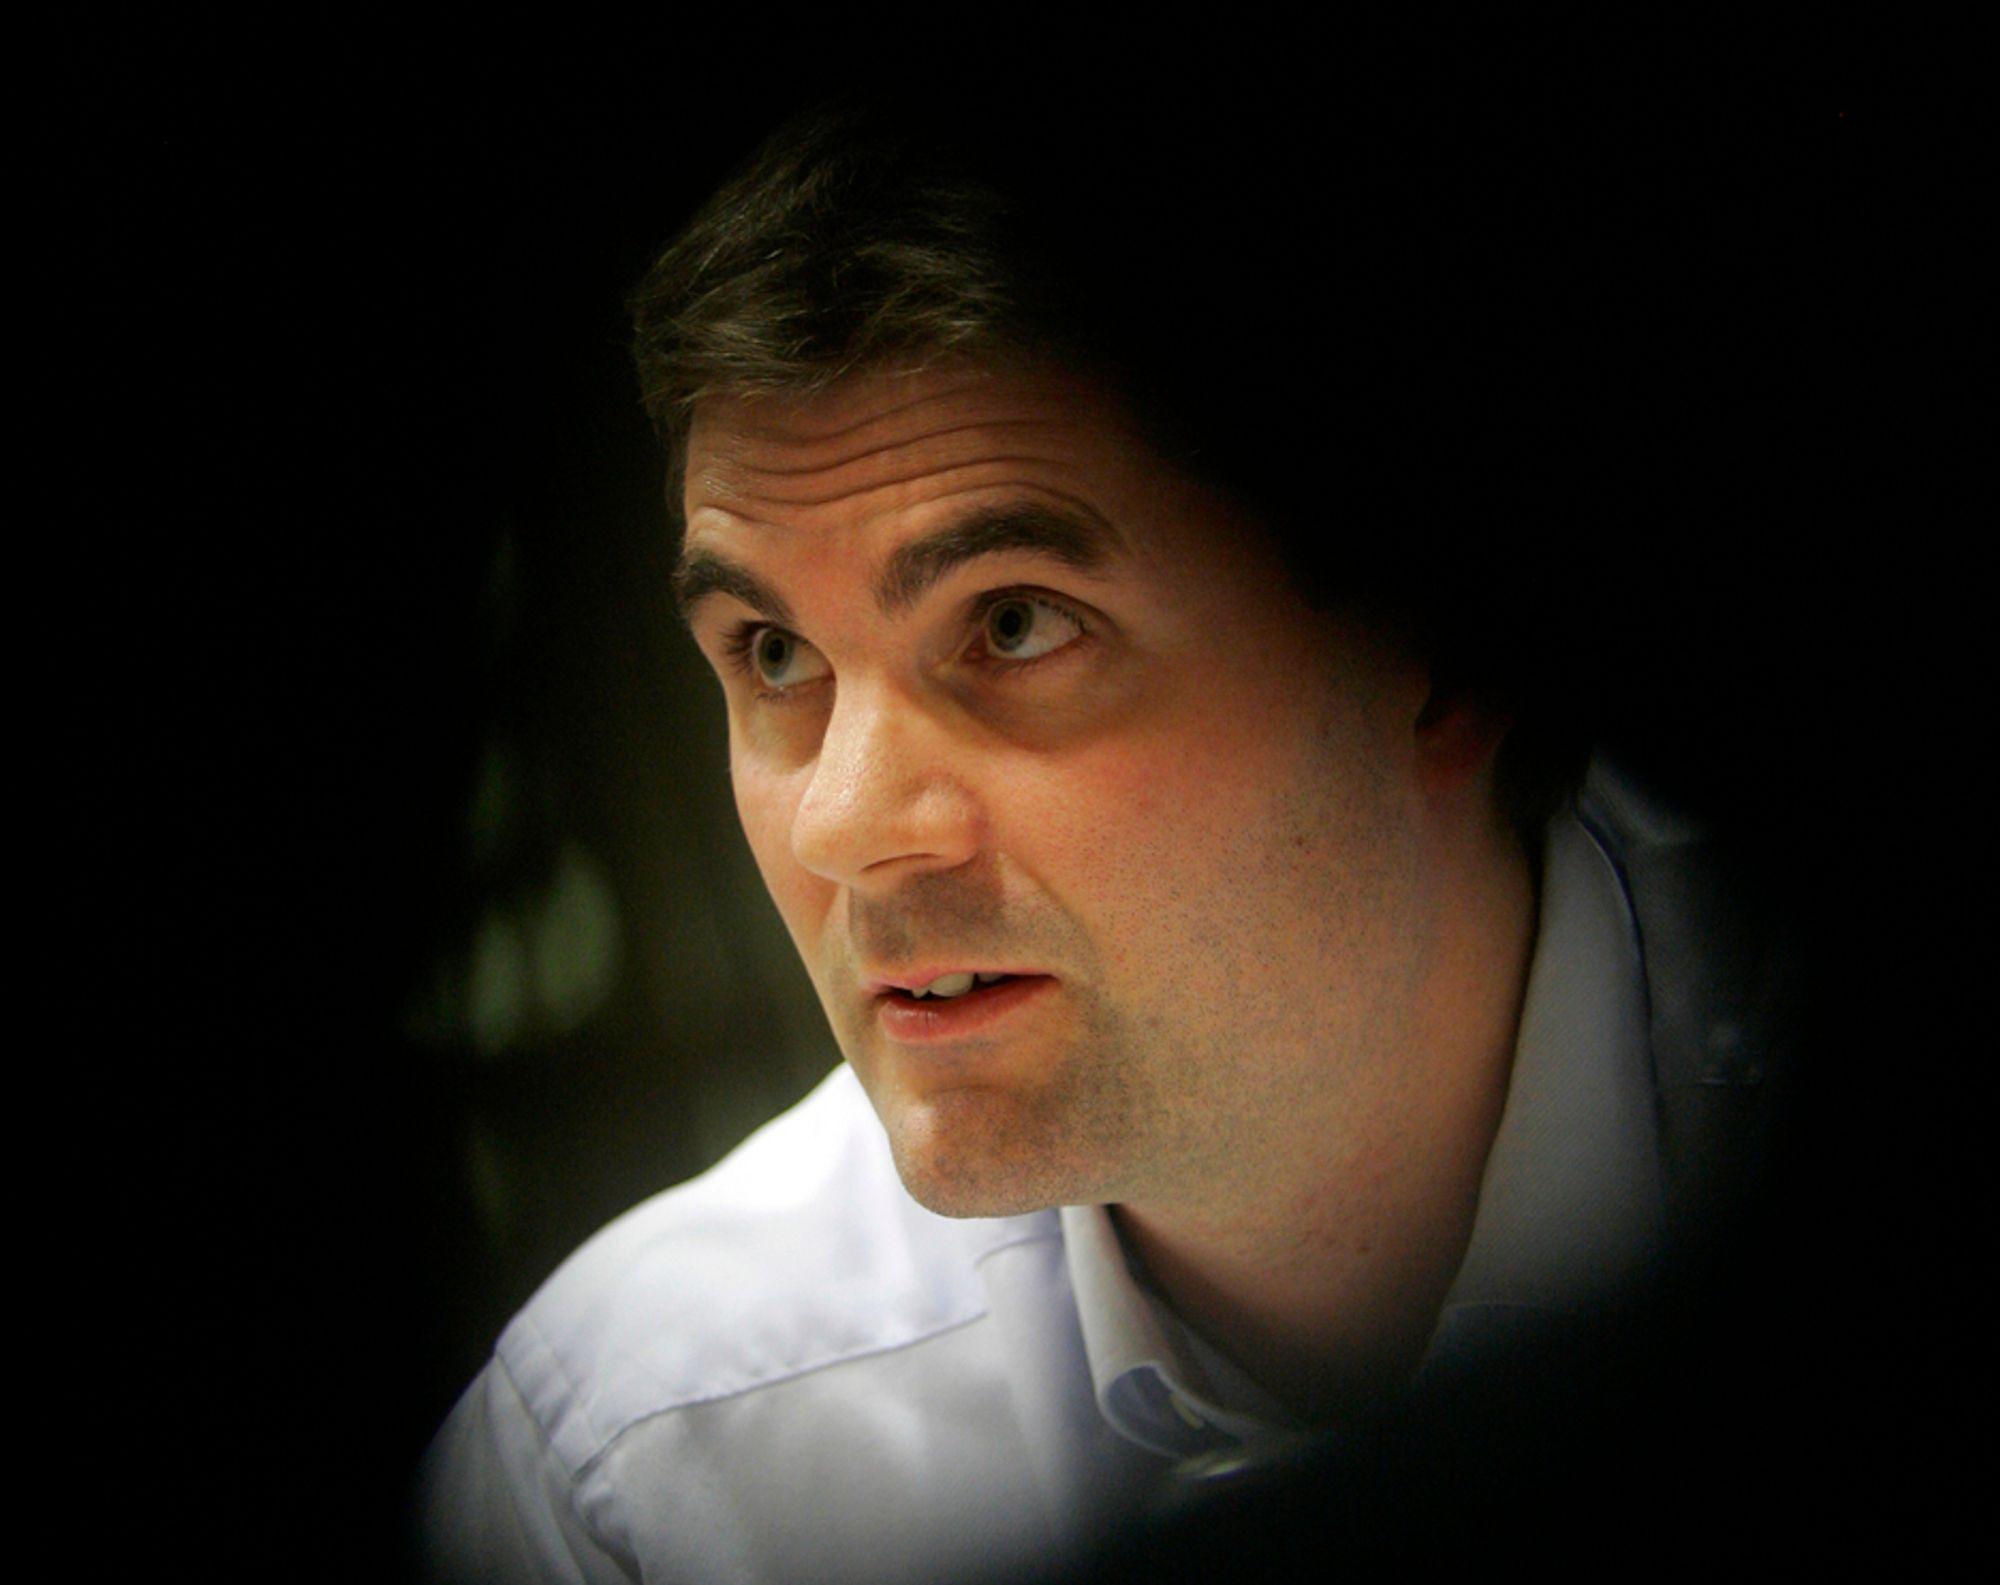 Tidligere Fast-direktør John Markus Lervik og salgsdirektøren i selskapet er tiltalt for regnskapsfusk og manipulasjon.